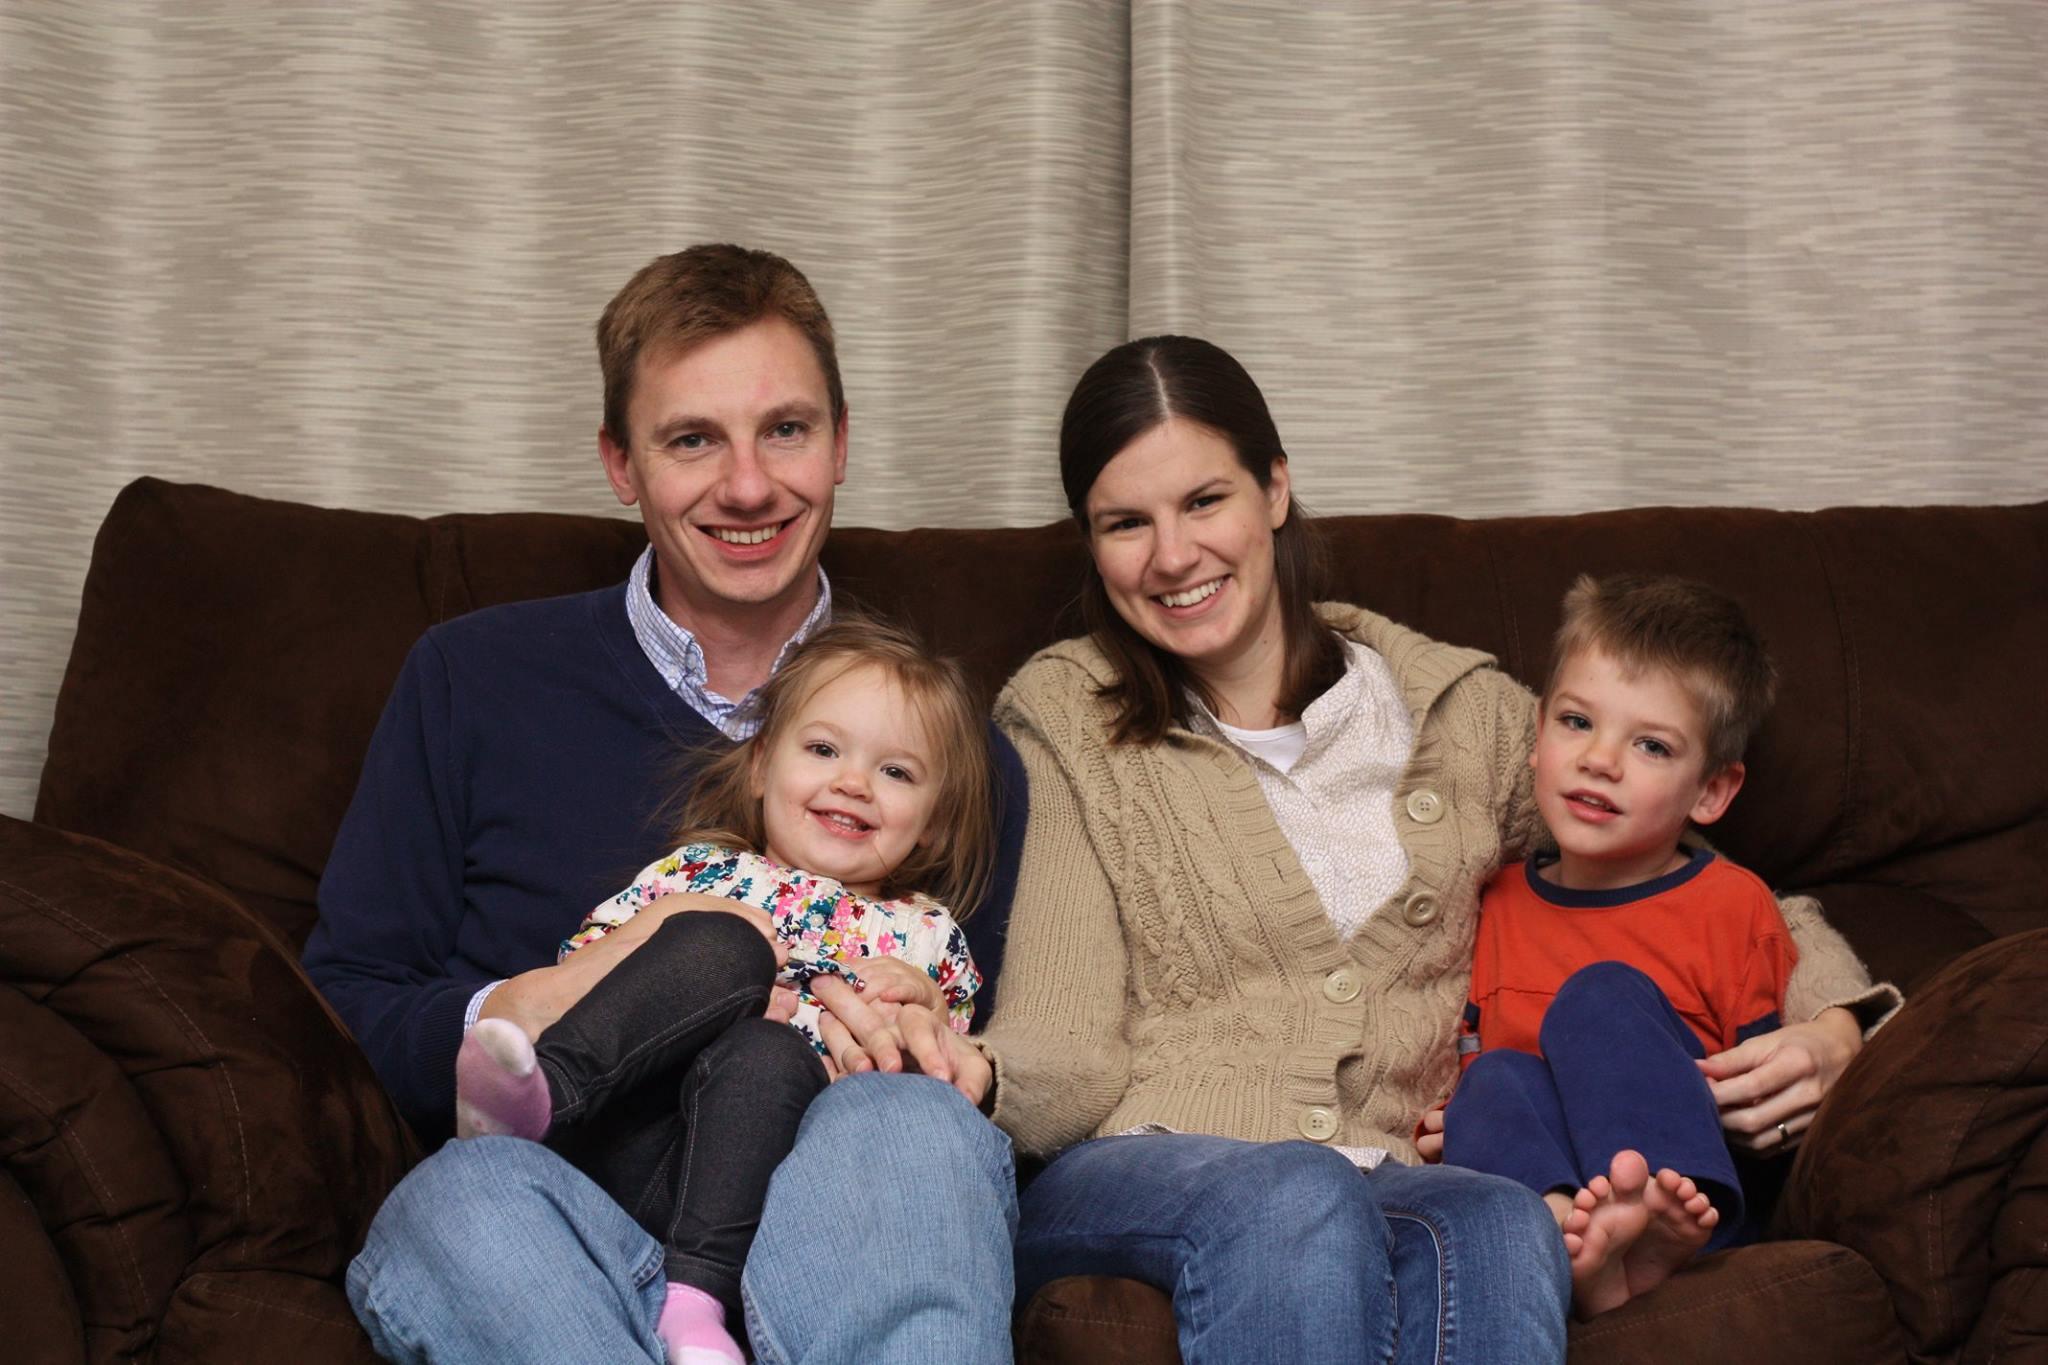 St. Peter Family